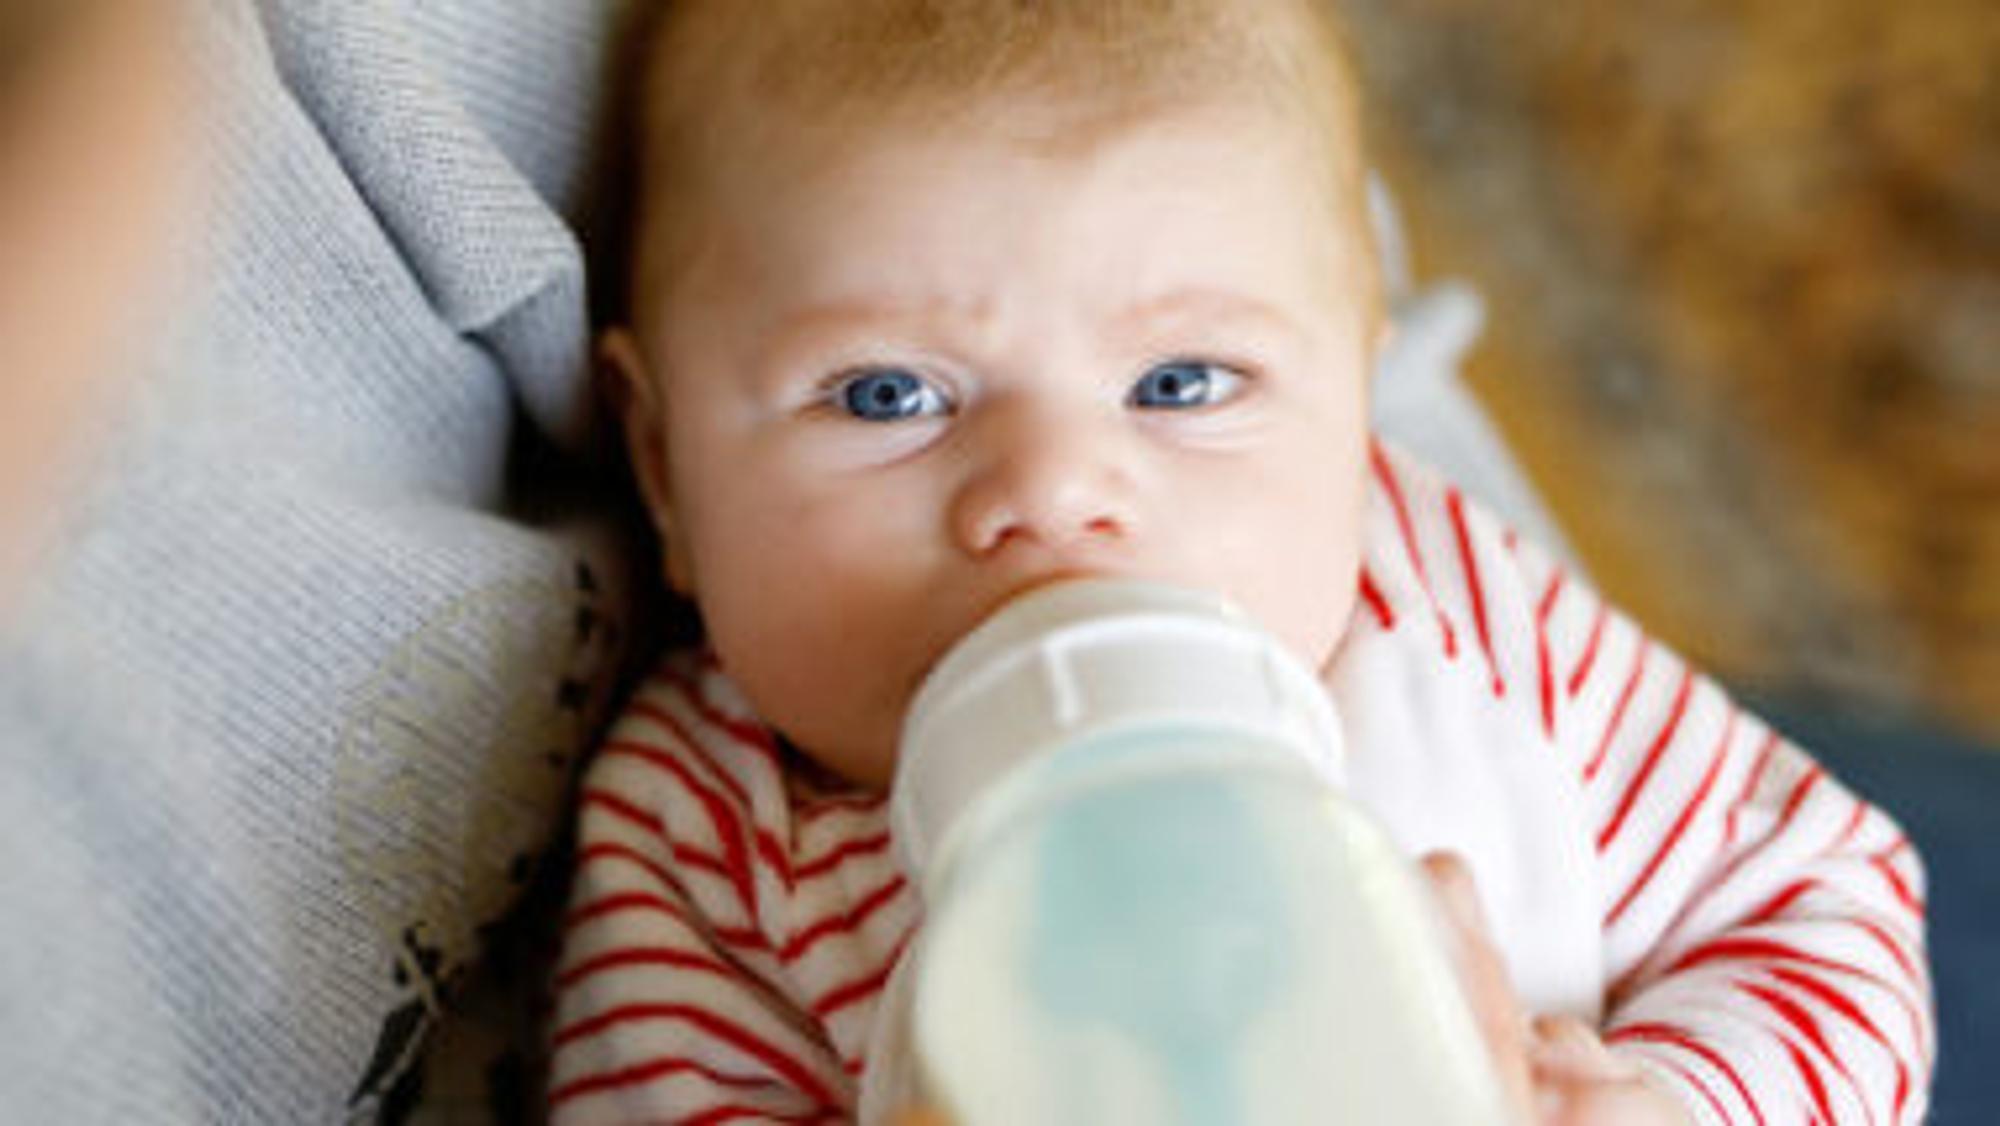 Babyflaschen sterilisieren muss sein, damit die Nahrungsaufnahme fürs BAby nicht schädlich wird